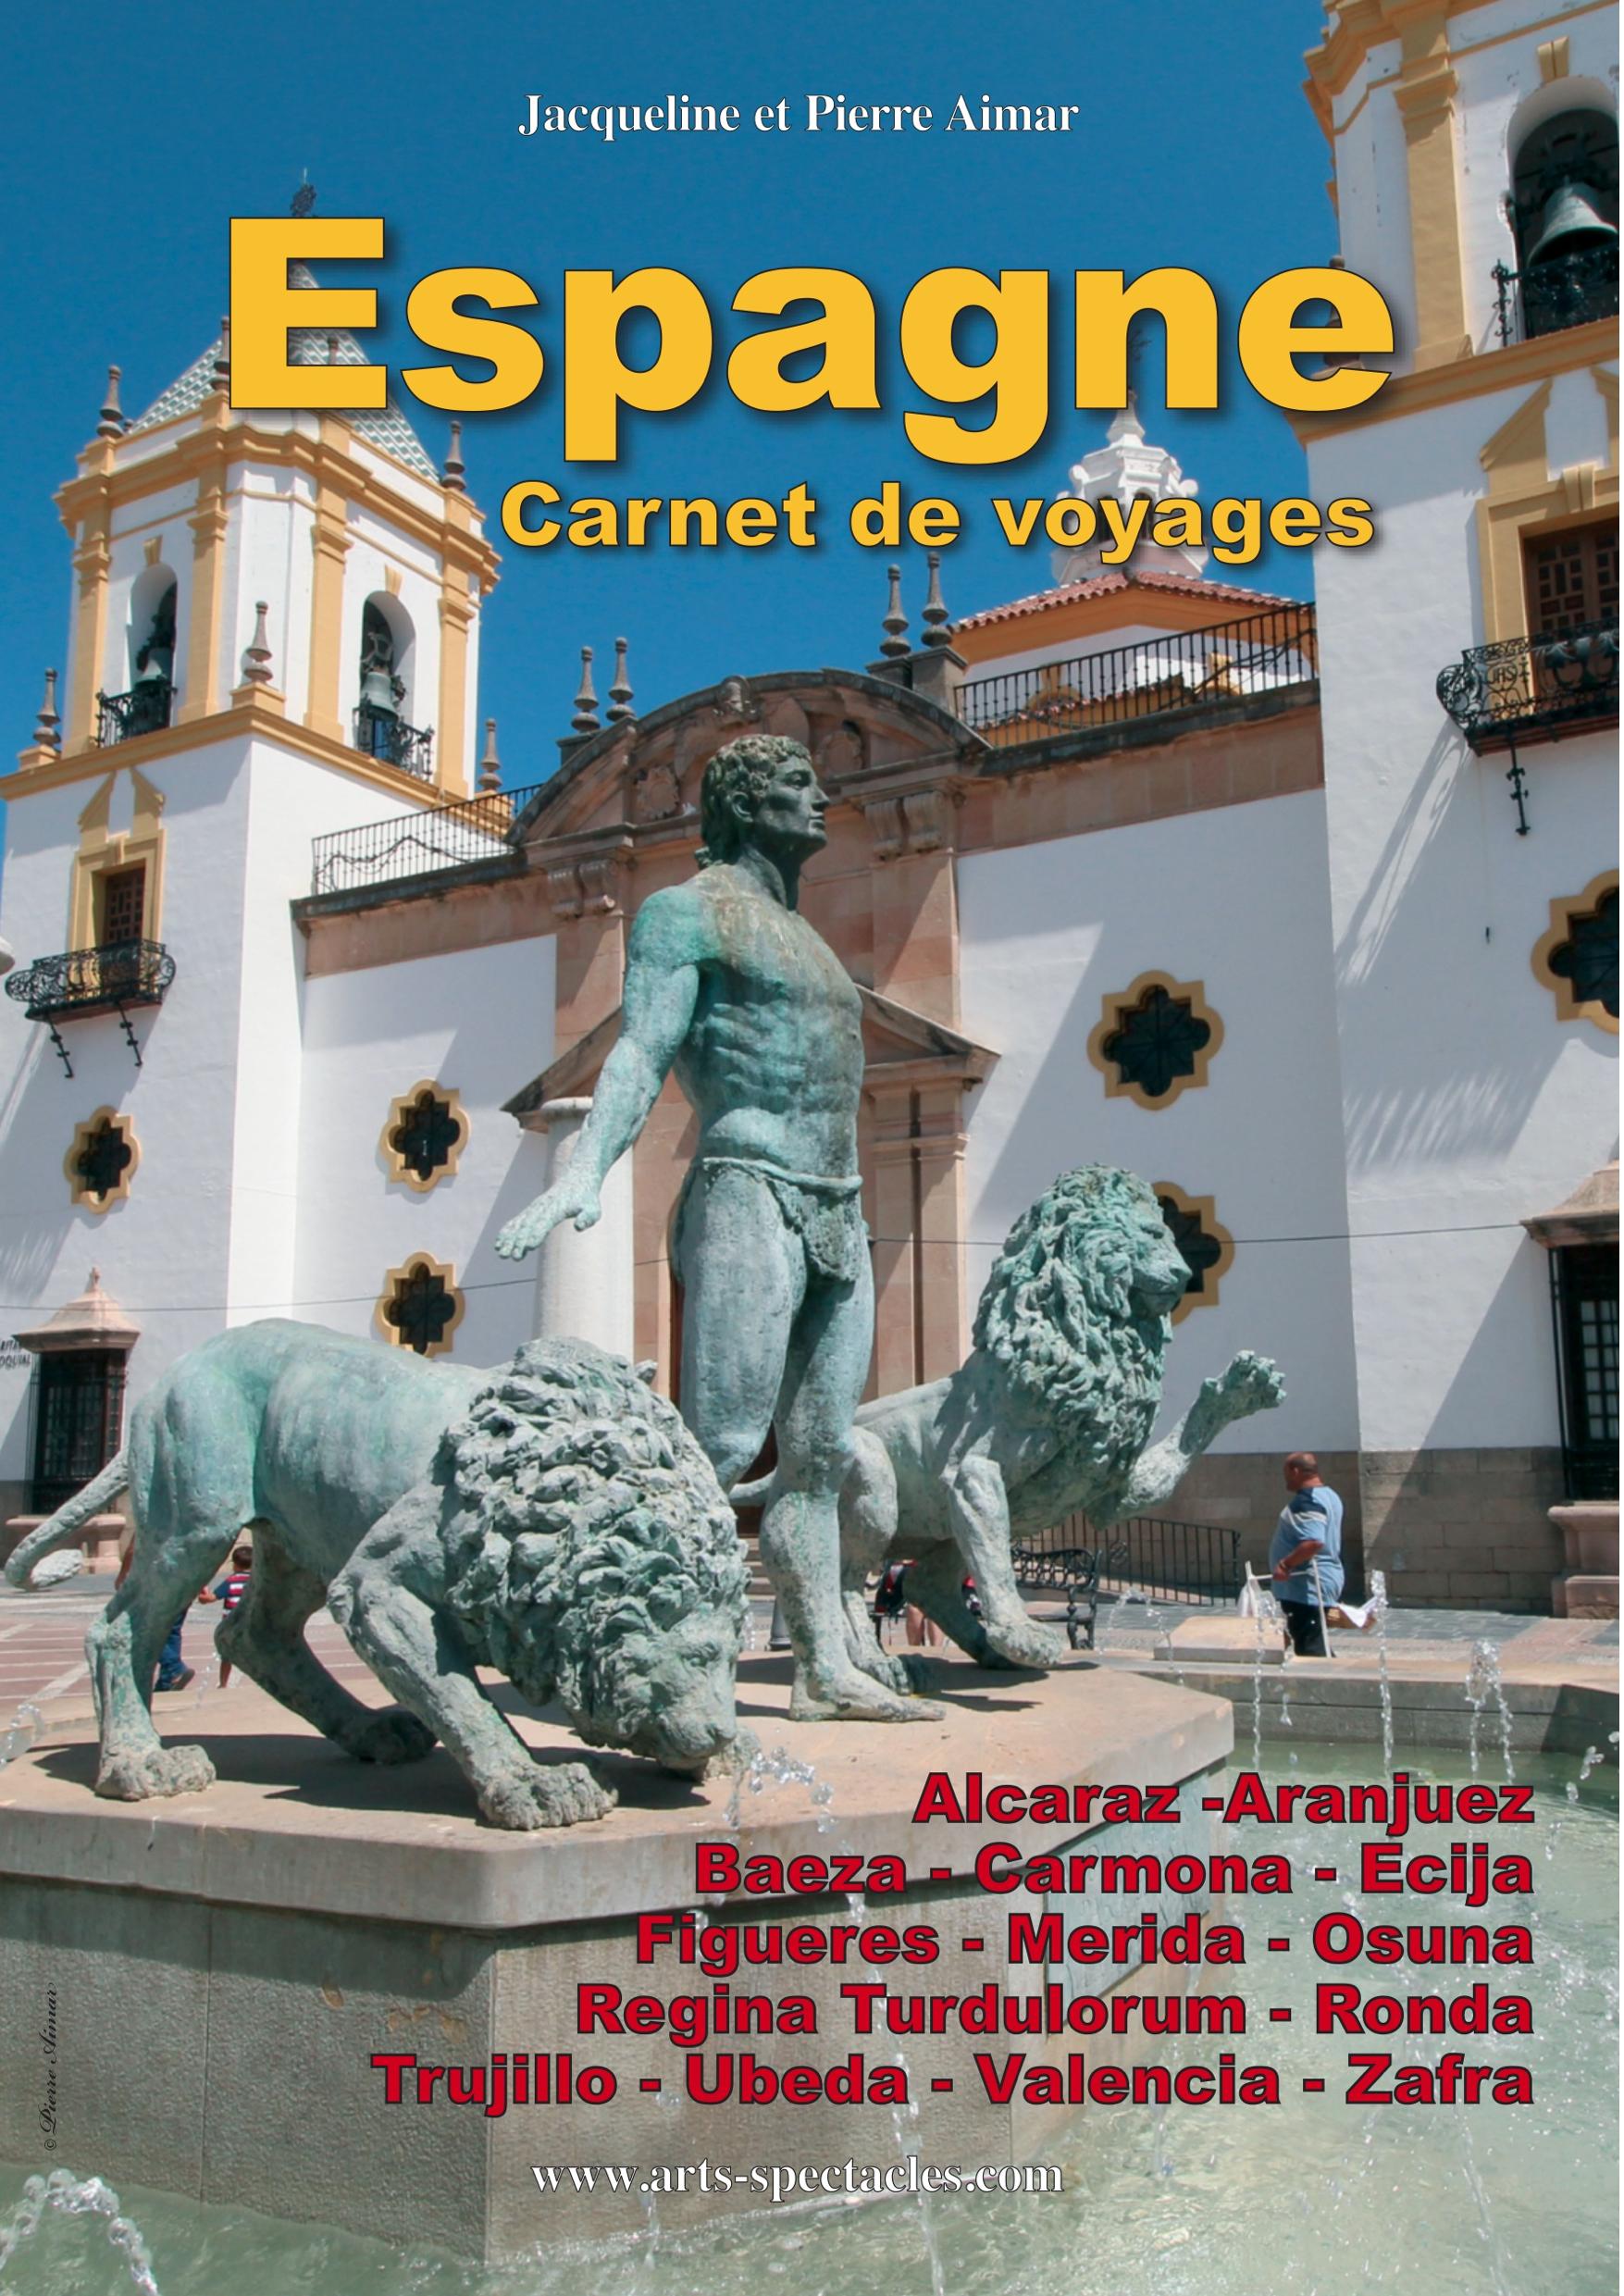 Espagne, carnet de voyage